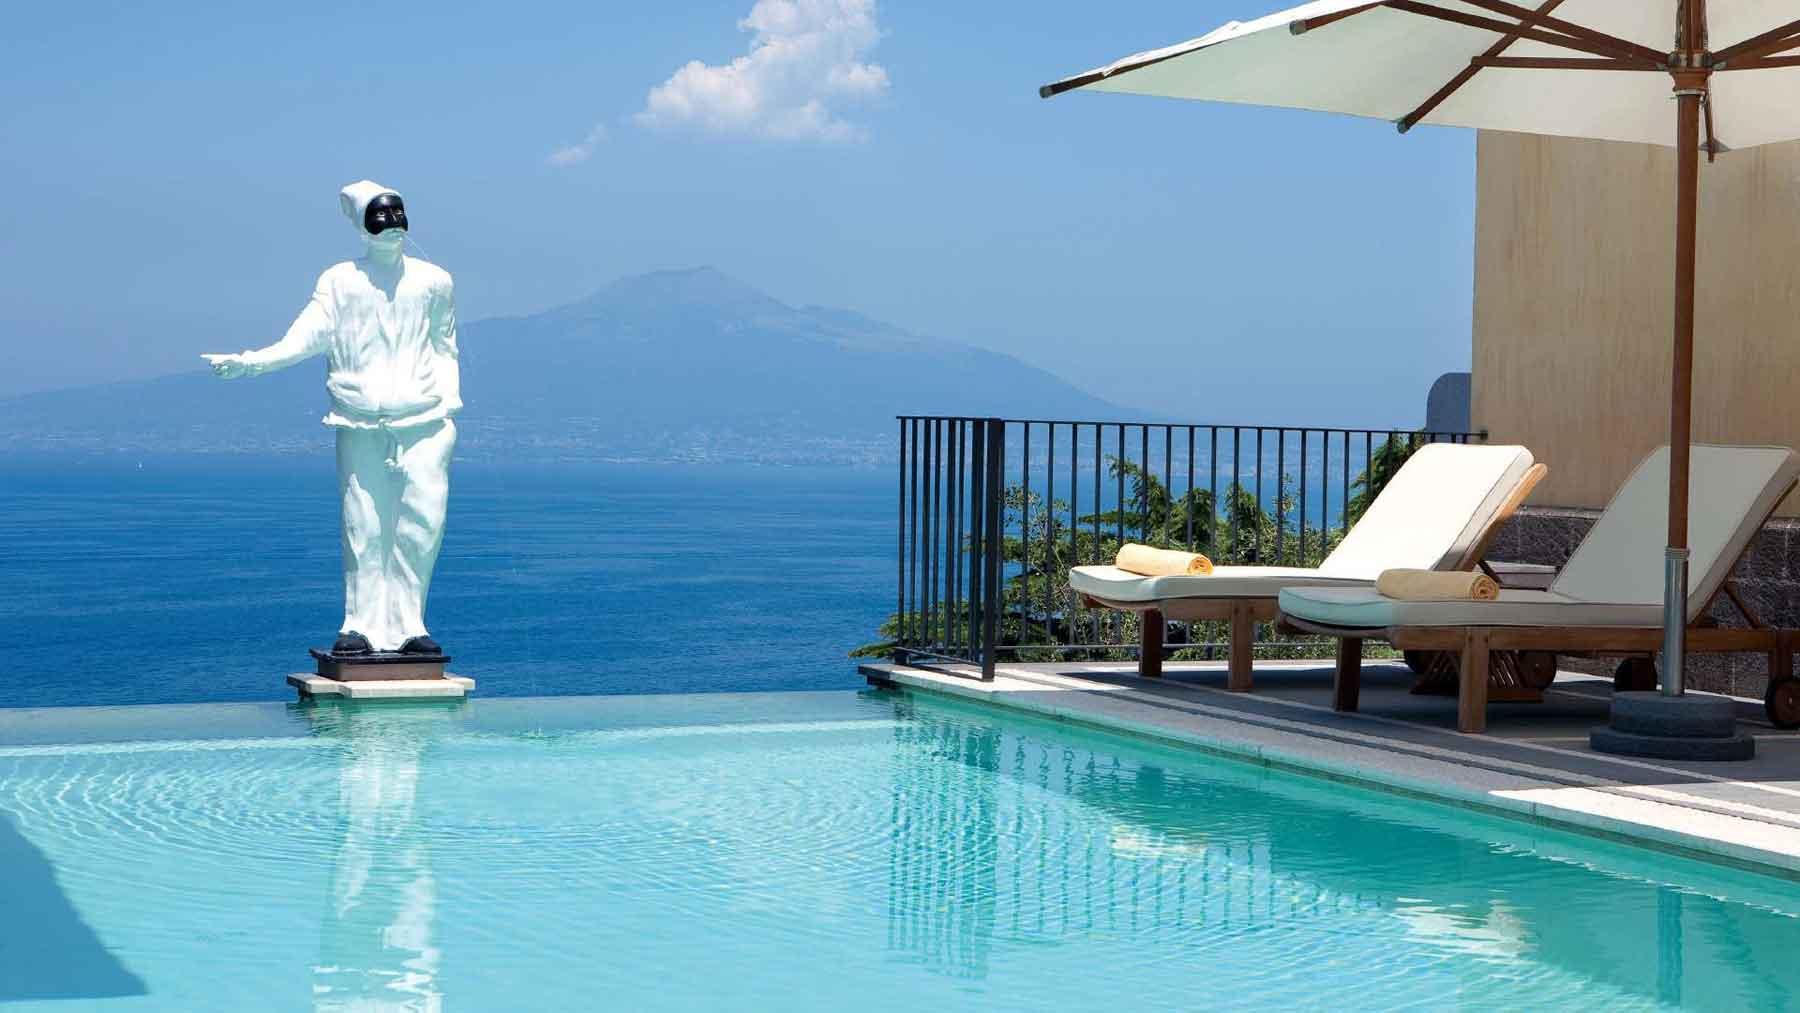 Piscine du Grand Hotel Angiolieri - Seiano, Vico Equense près de Sorrente Italie